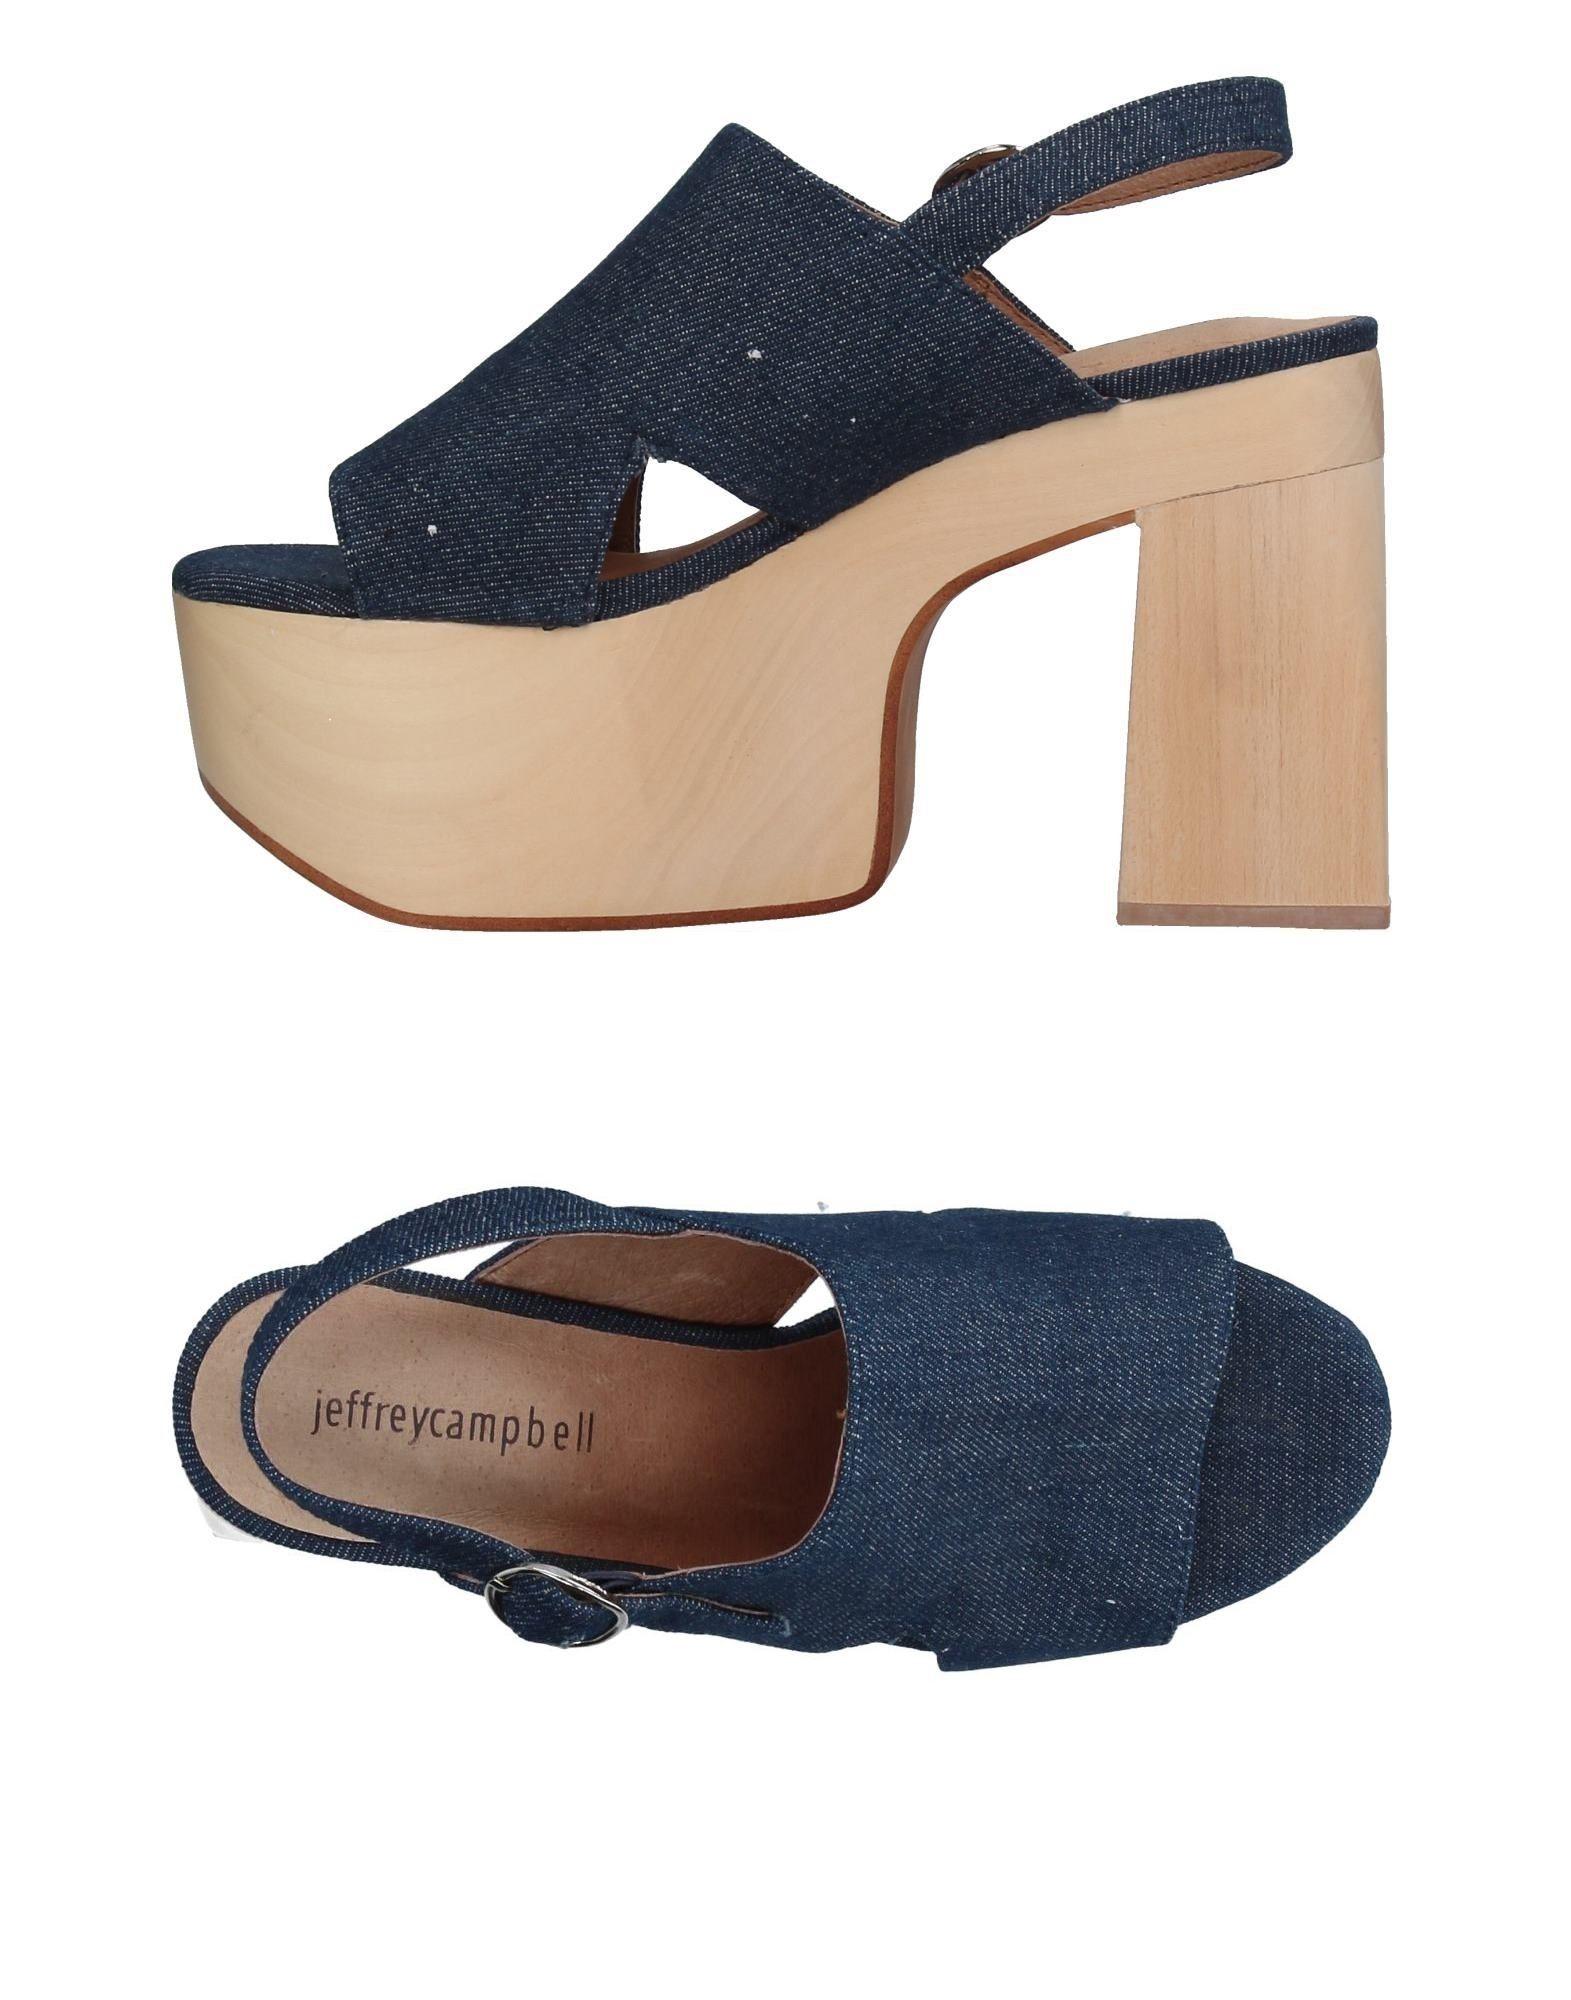 Jeffrey Campbell Sandalen Damen  11258737SH Gute Qualität beliebte Schuhe